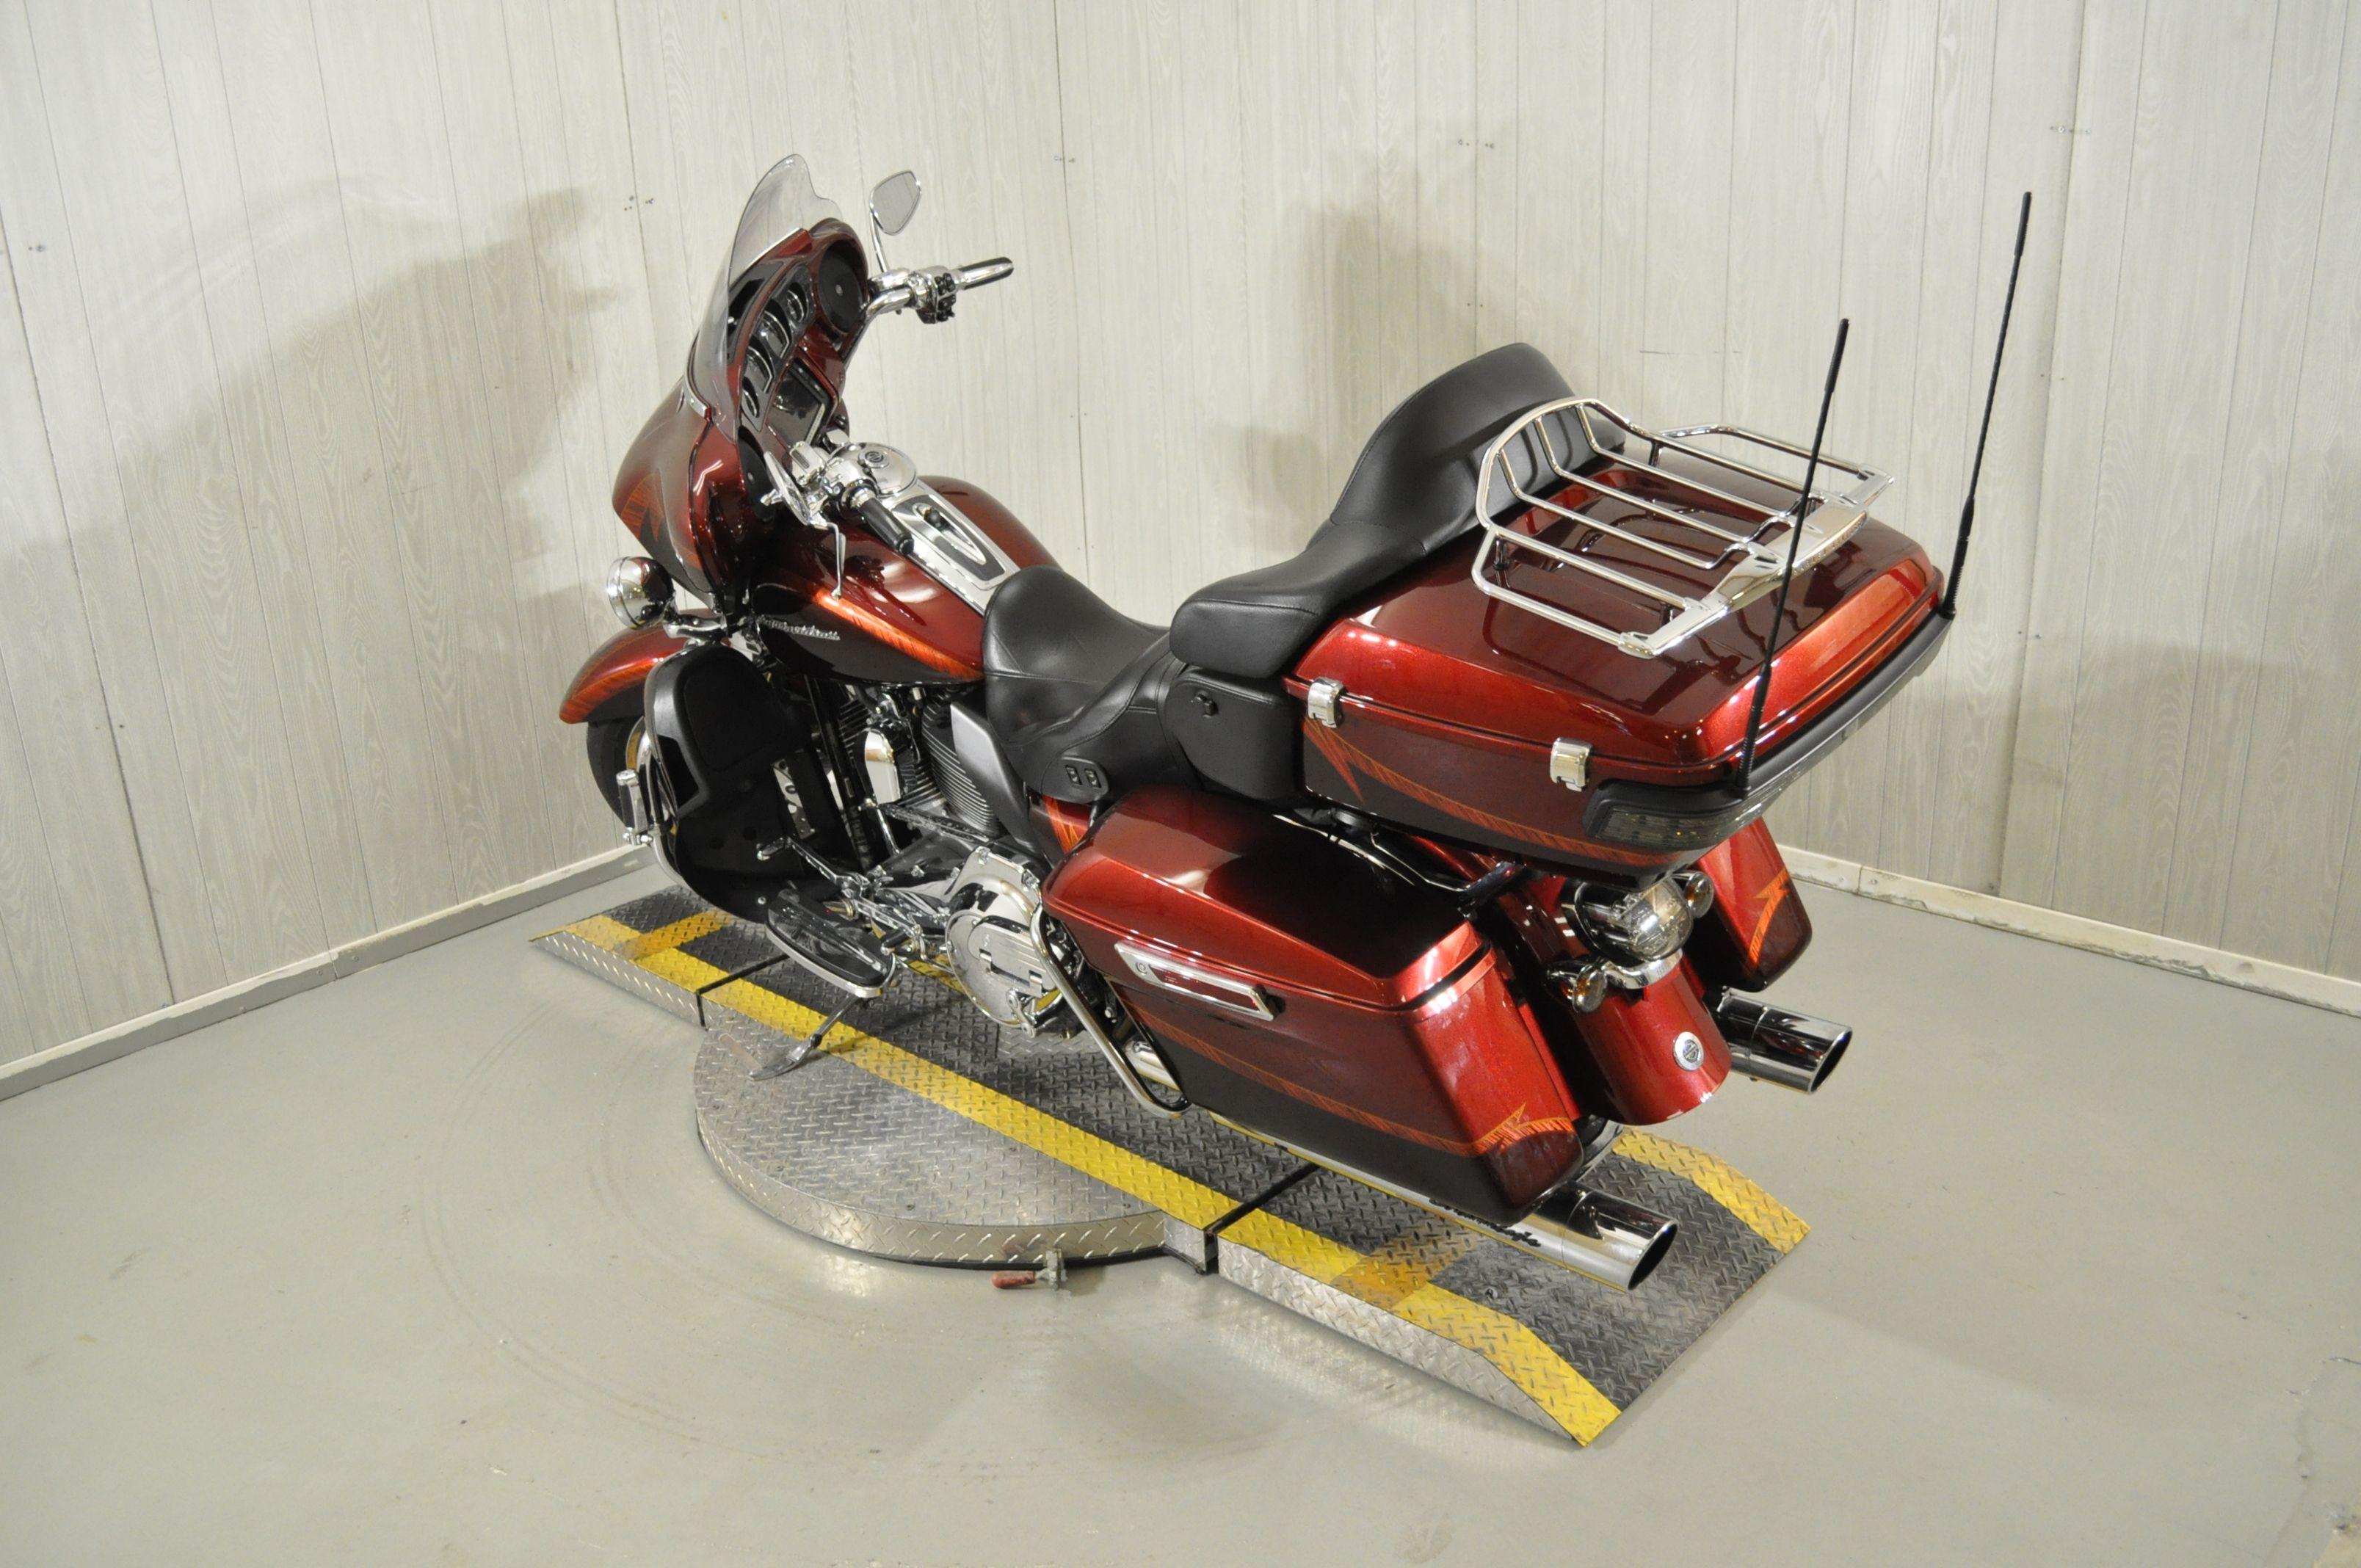 Pre-Owned 2014 Harley-Davidson CVO Limited FLHTKSE